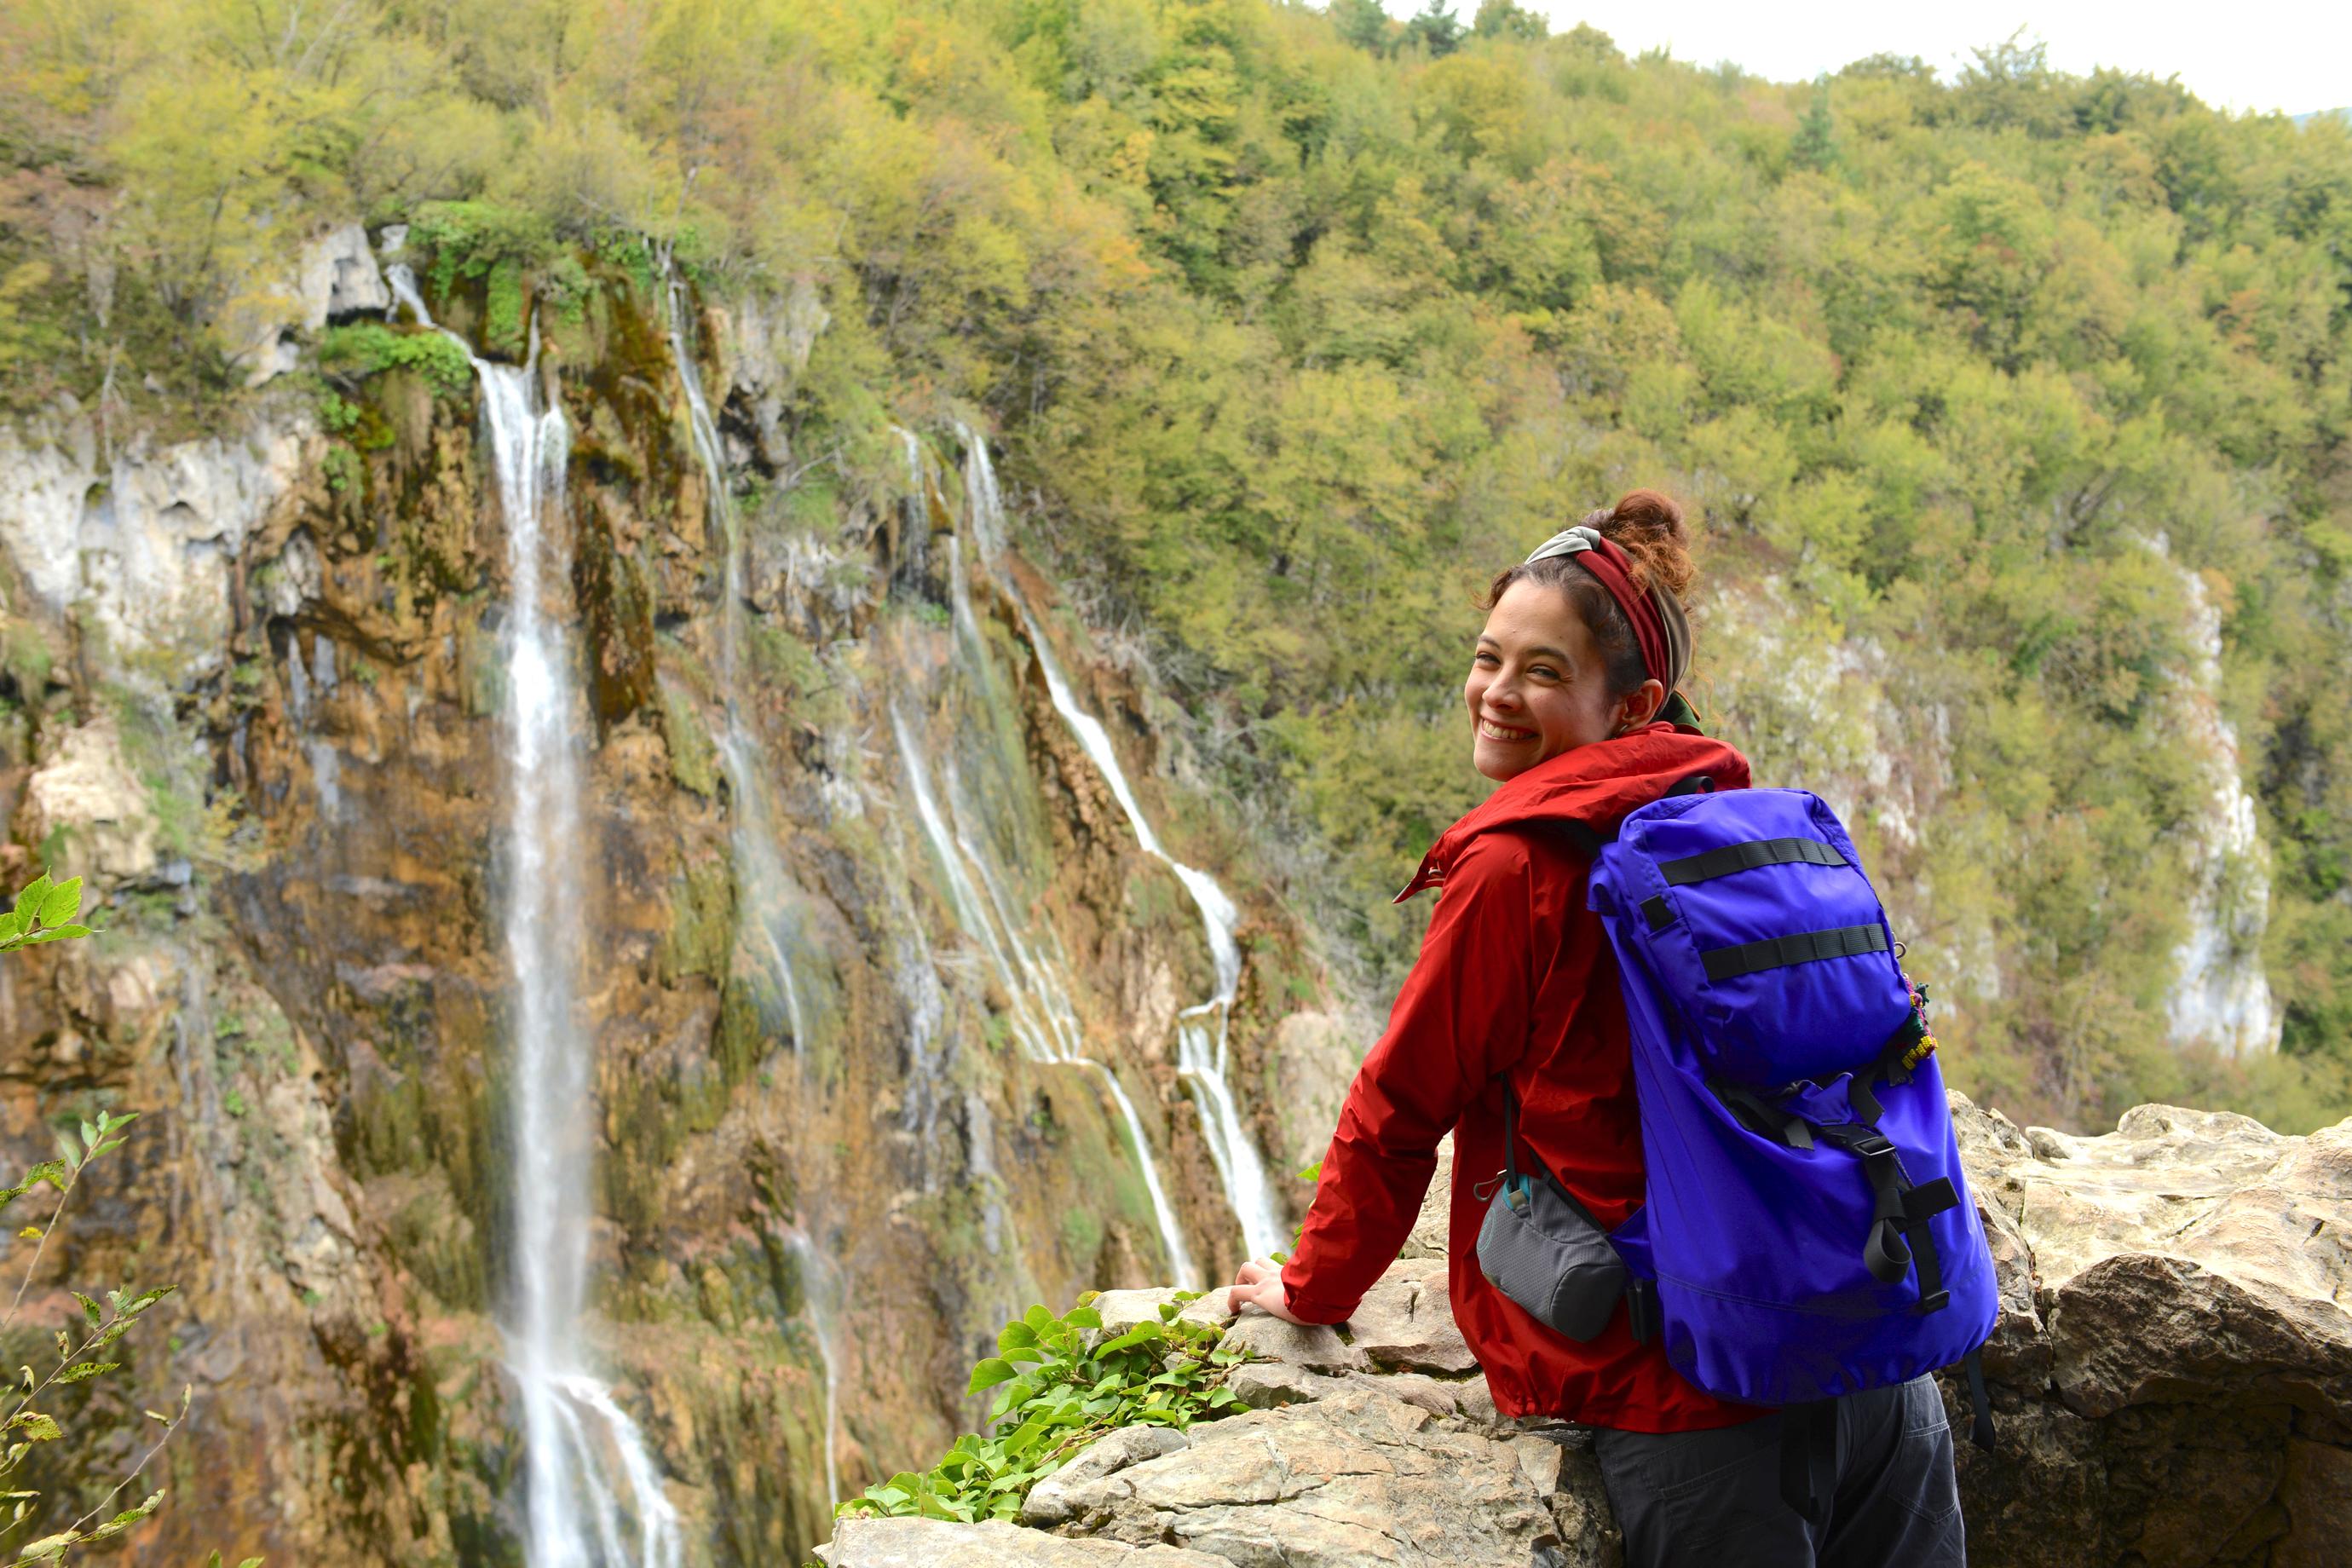 モデル仲川希良の山でお泊まり、クロアチア・プリトヴィッツェ国立公園Vol.1